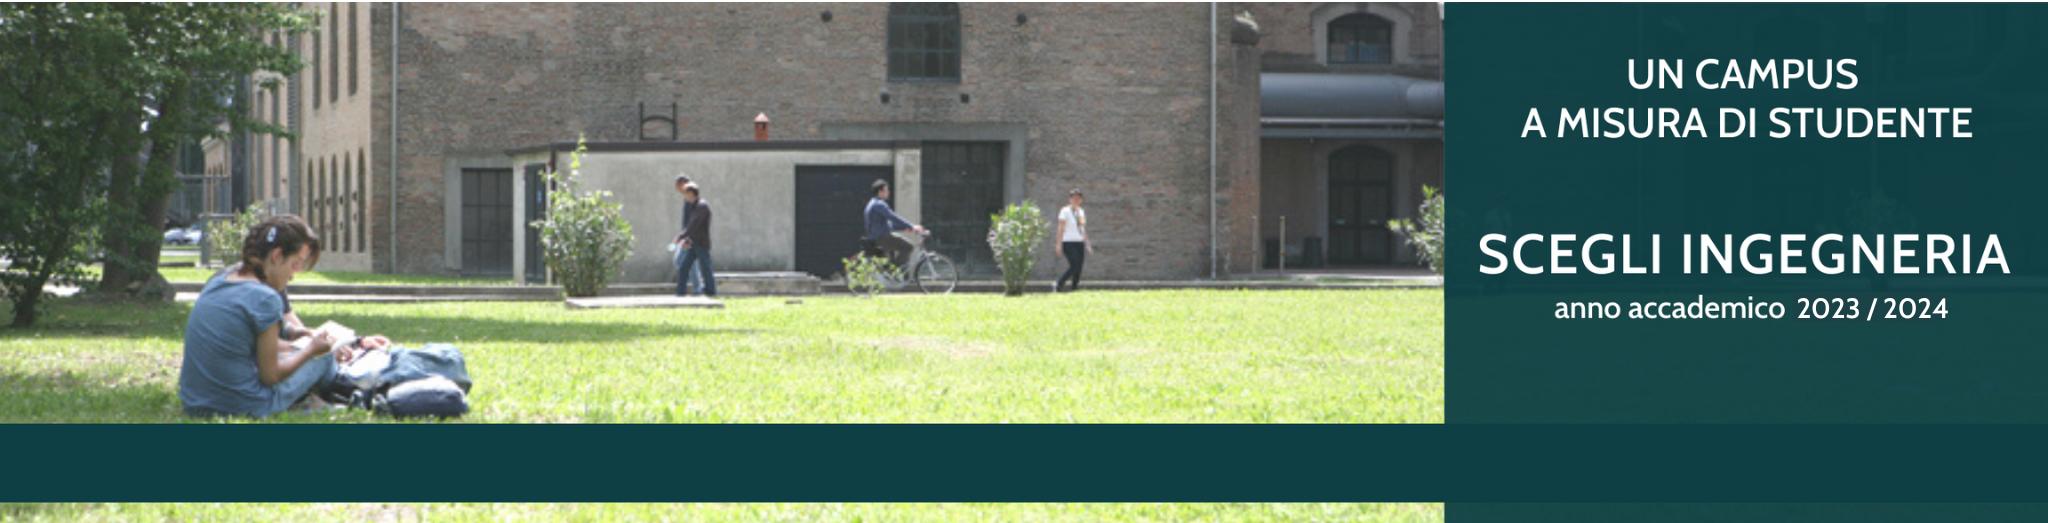 Scopri come vivere la miglior esperienza a Ferrara studiando Ingegneria